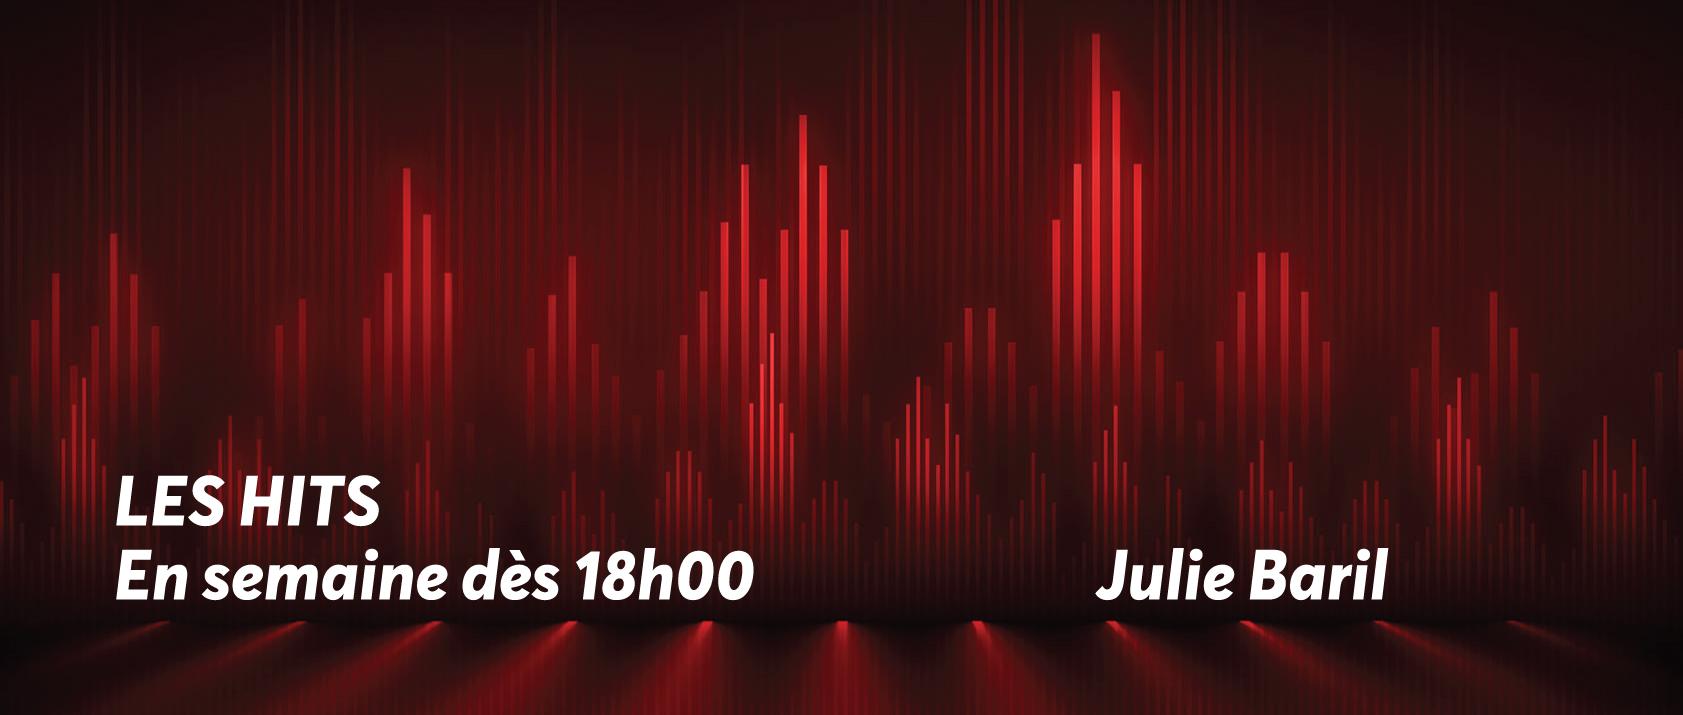 JULIE-BARIL